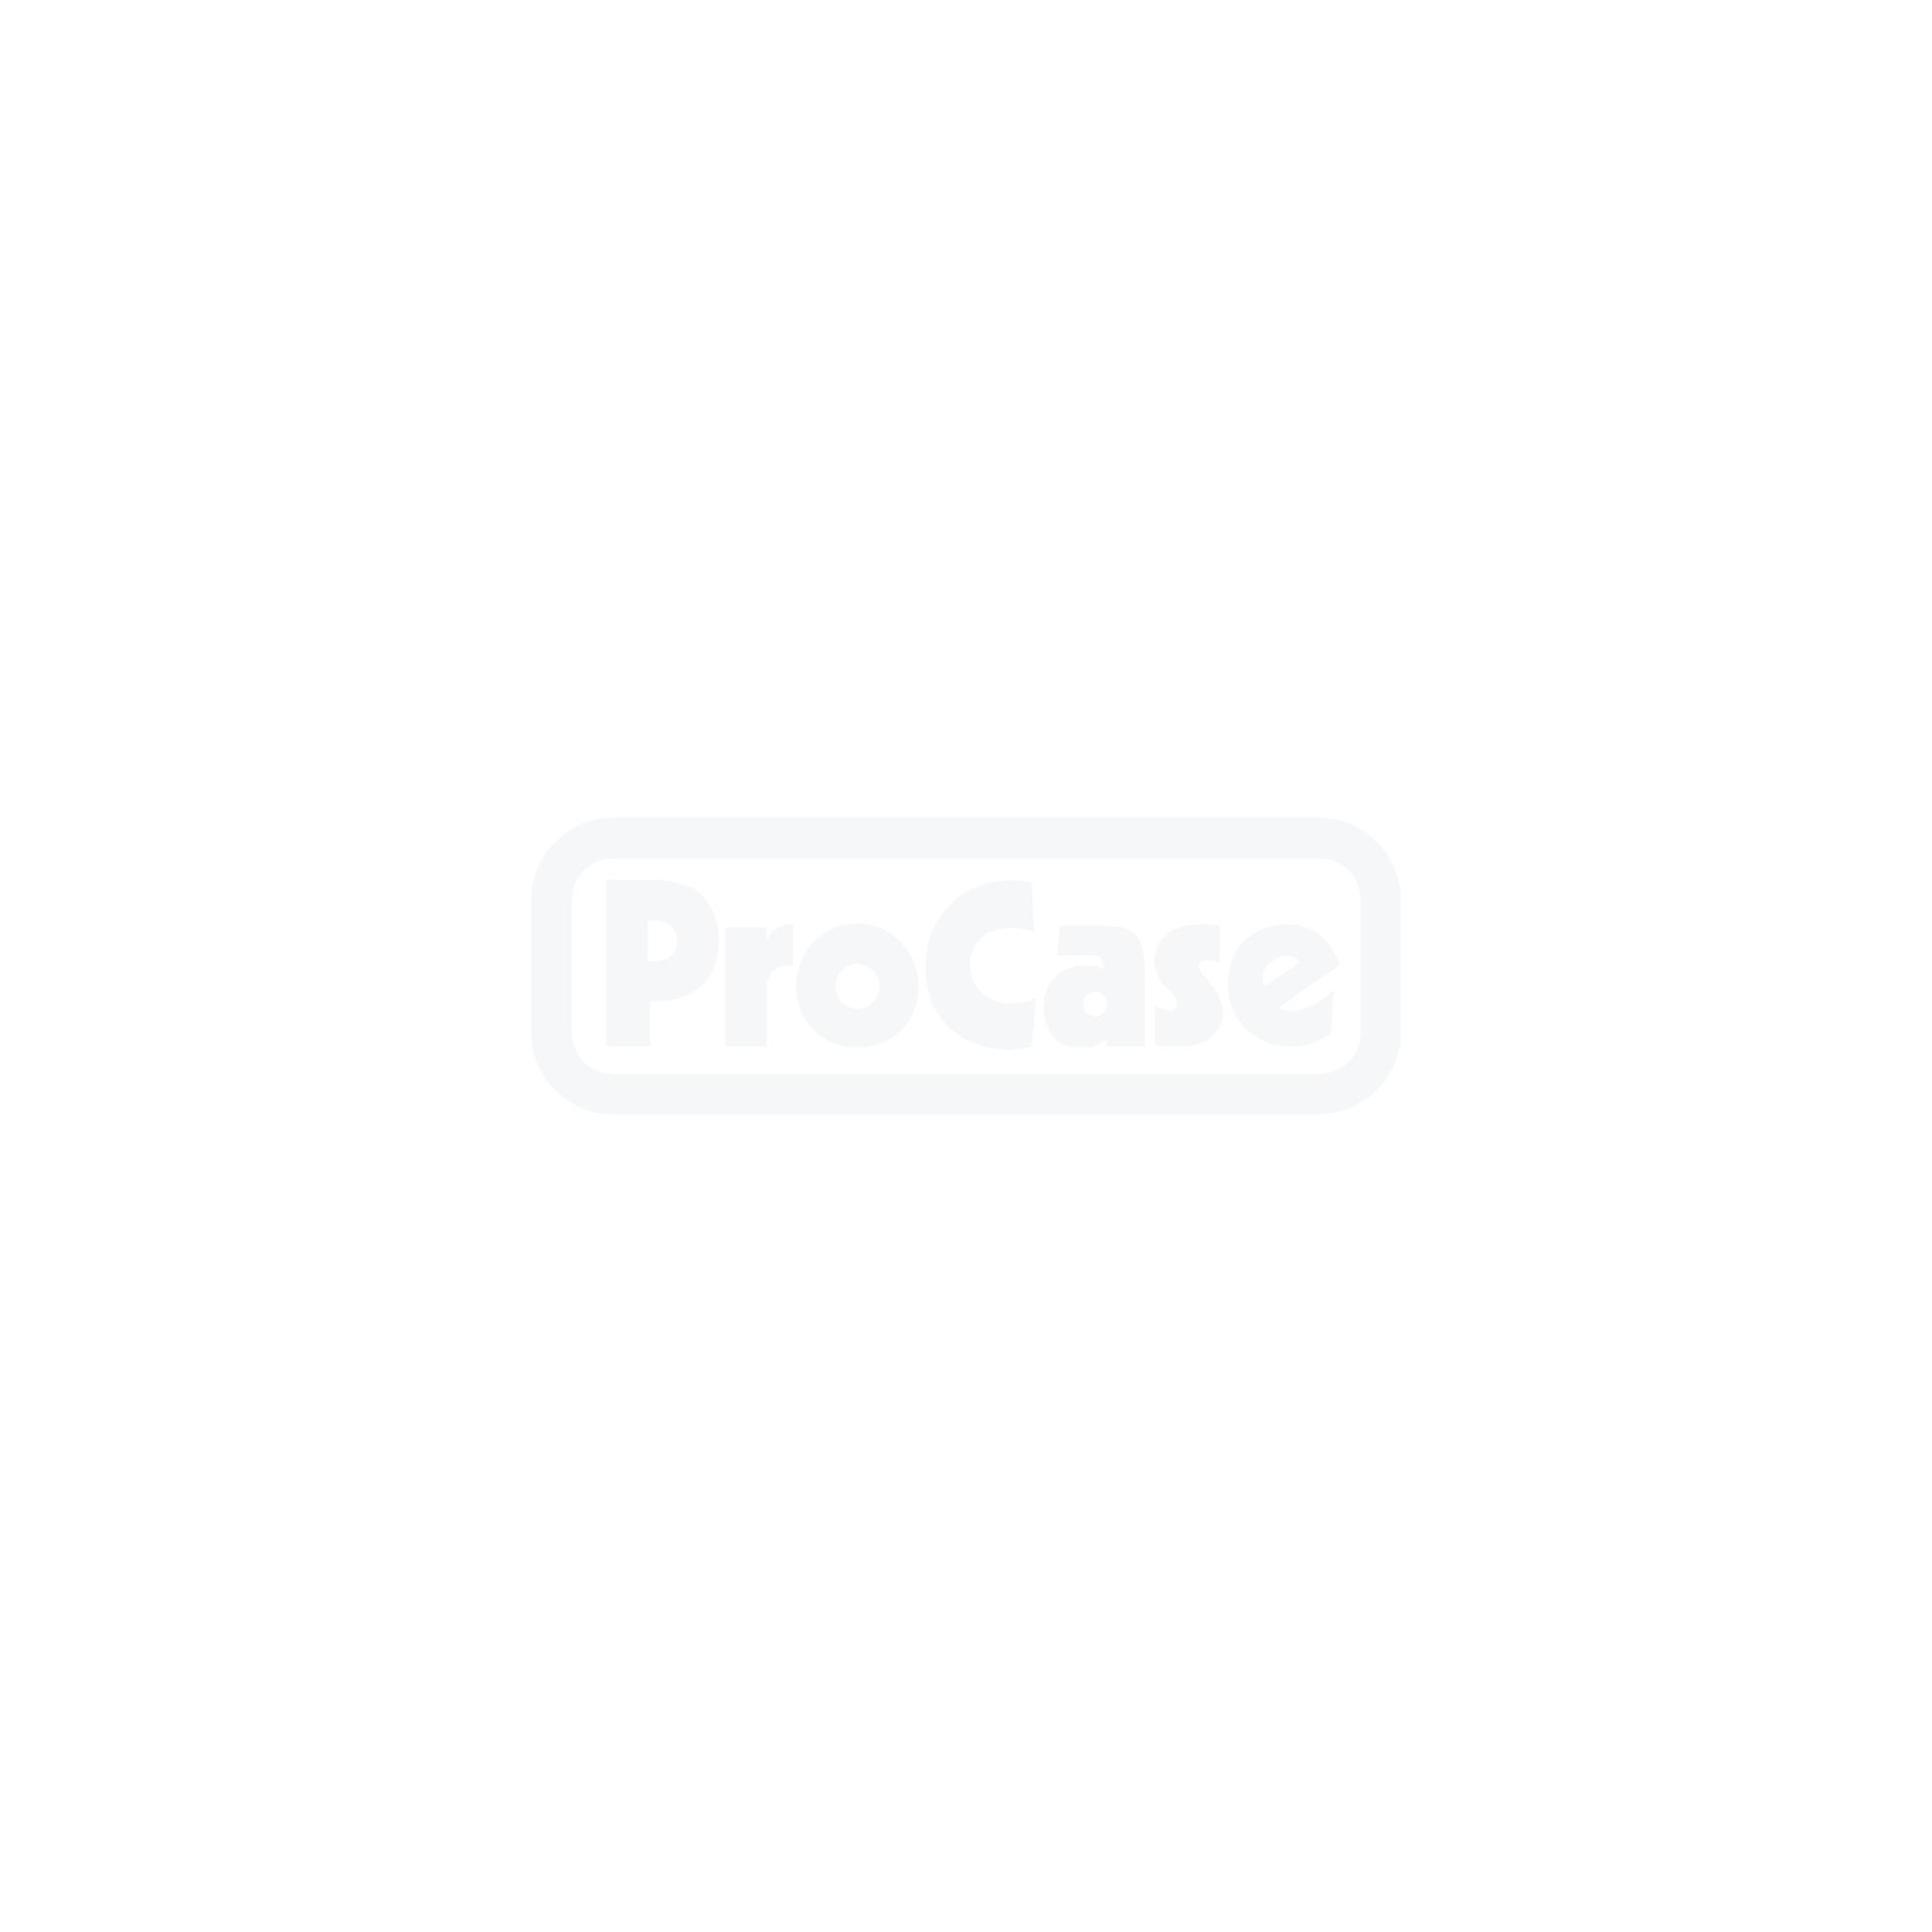 Packcase 5 Tool Trolley mit 6 Einschüben 3